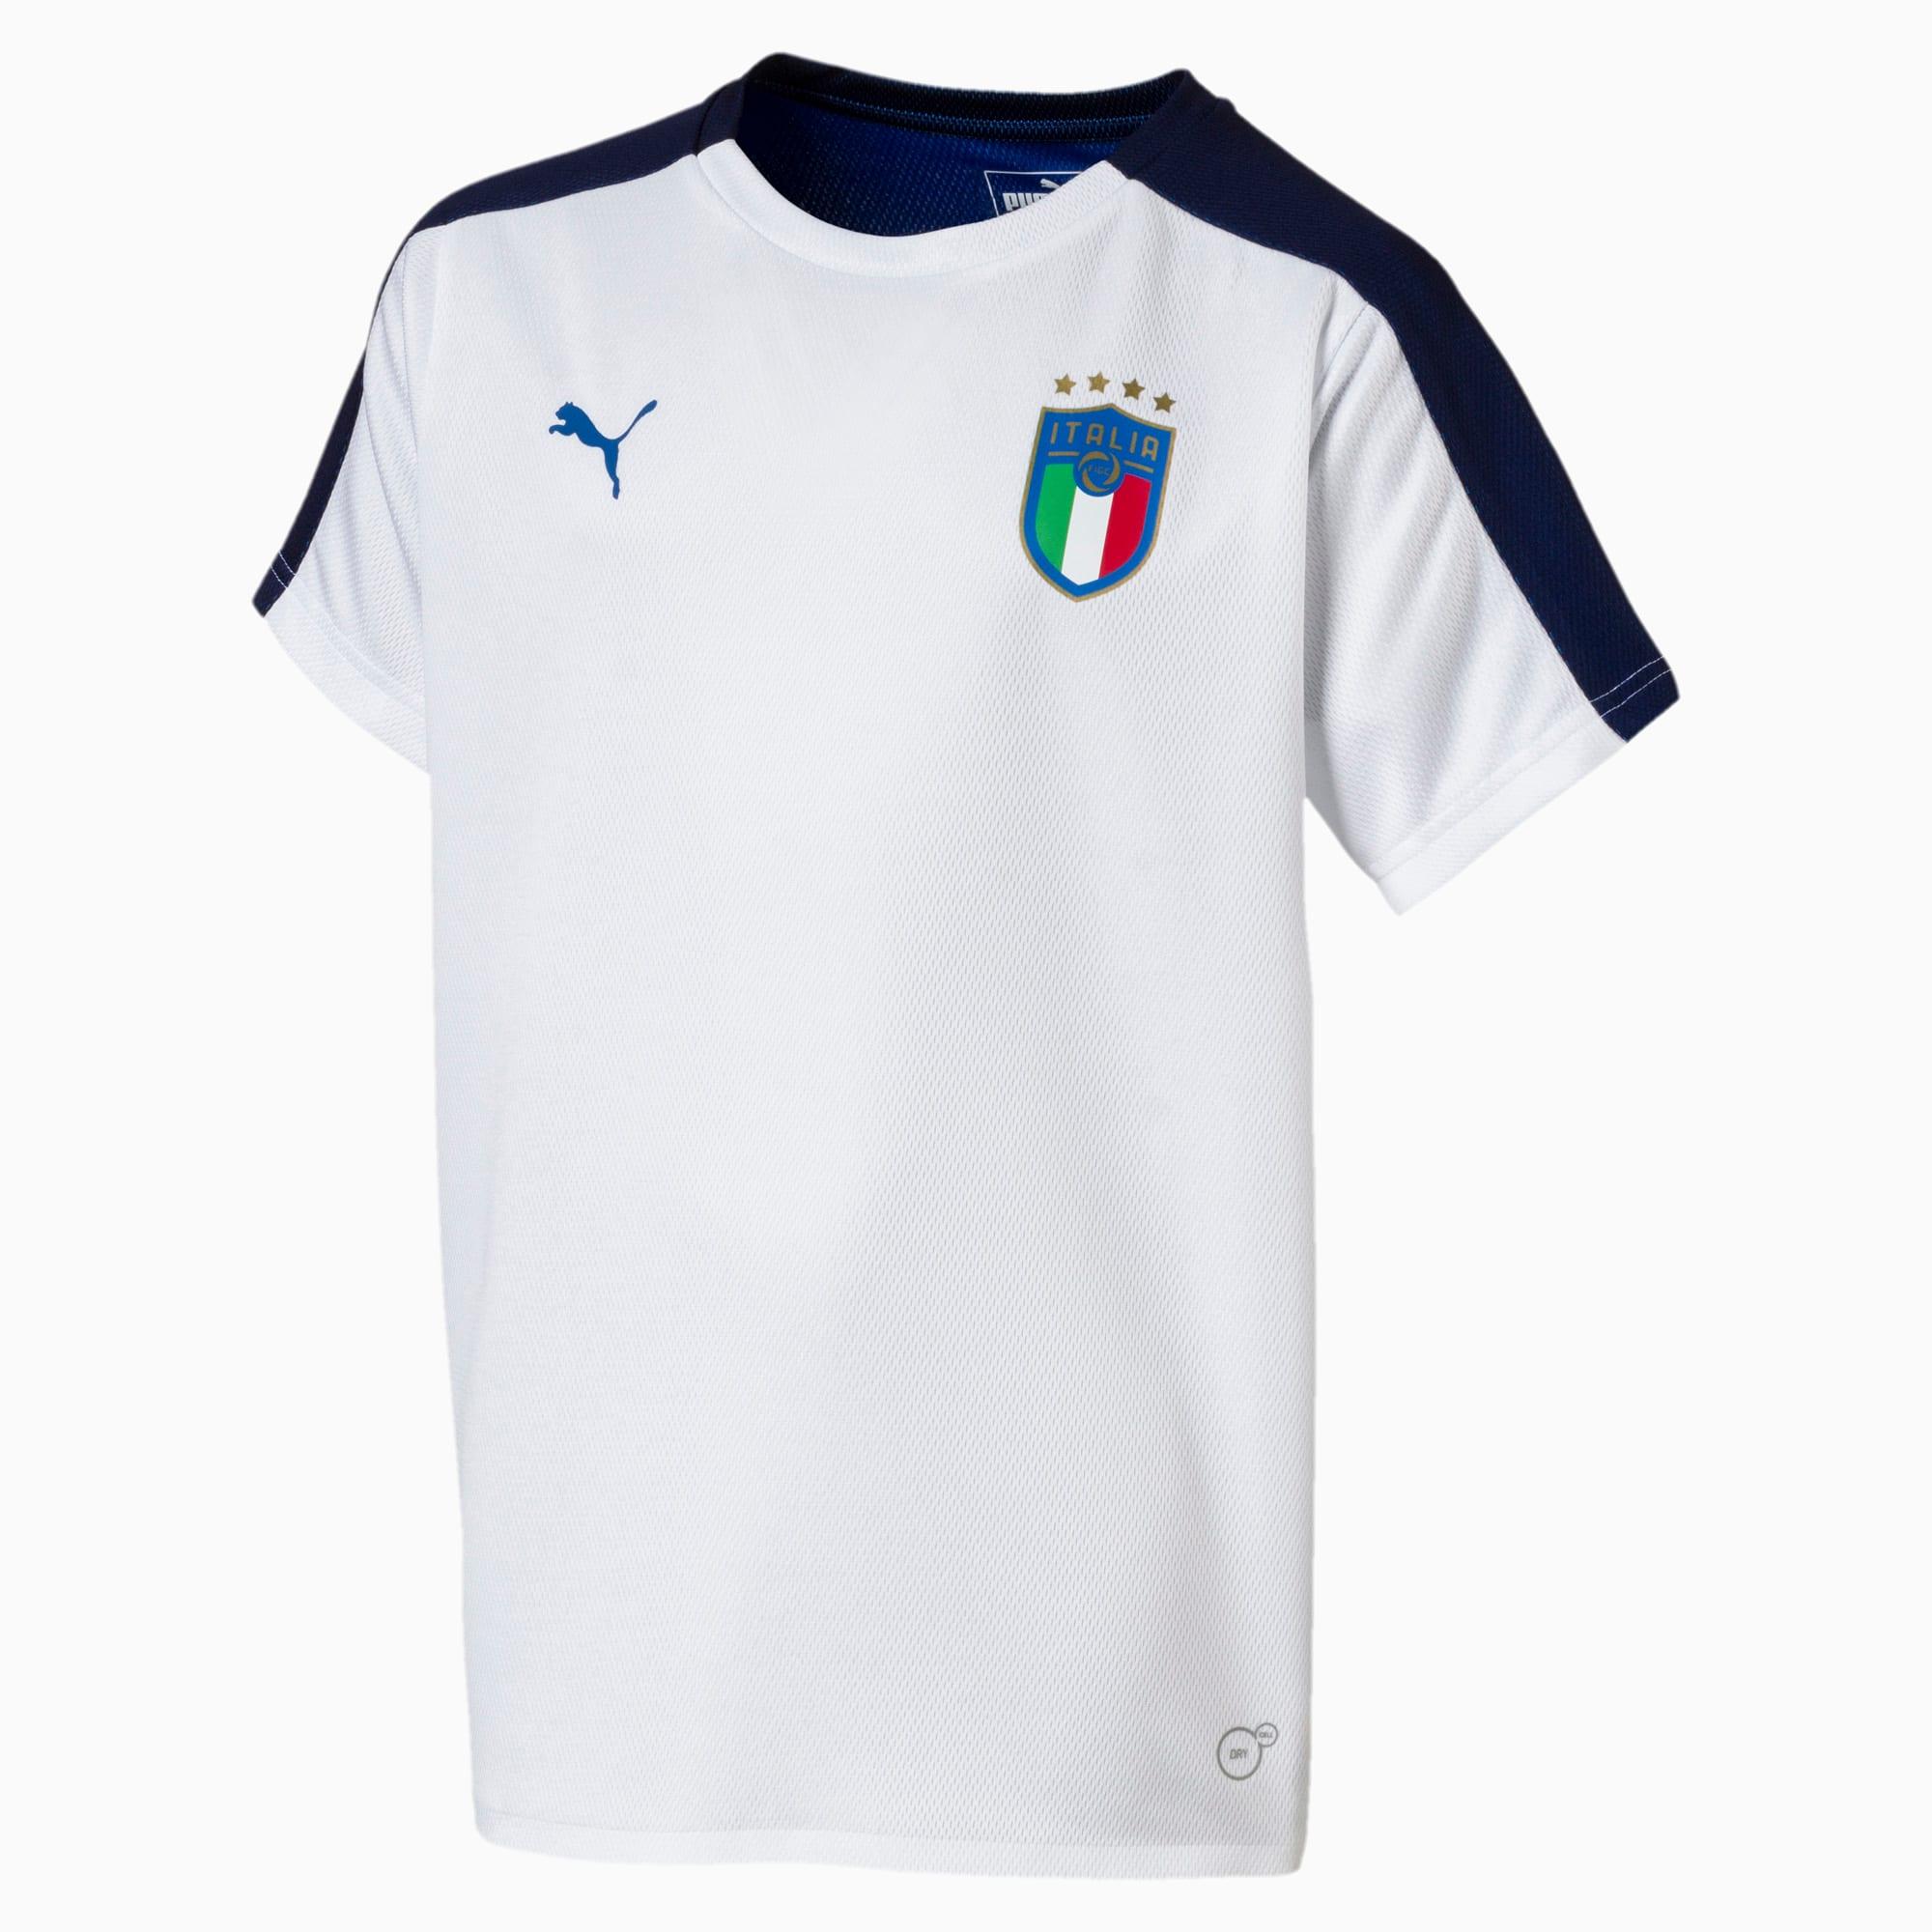 Puma 753102 02 Maglietta FIGC ITALIA Bambino